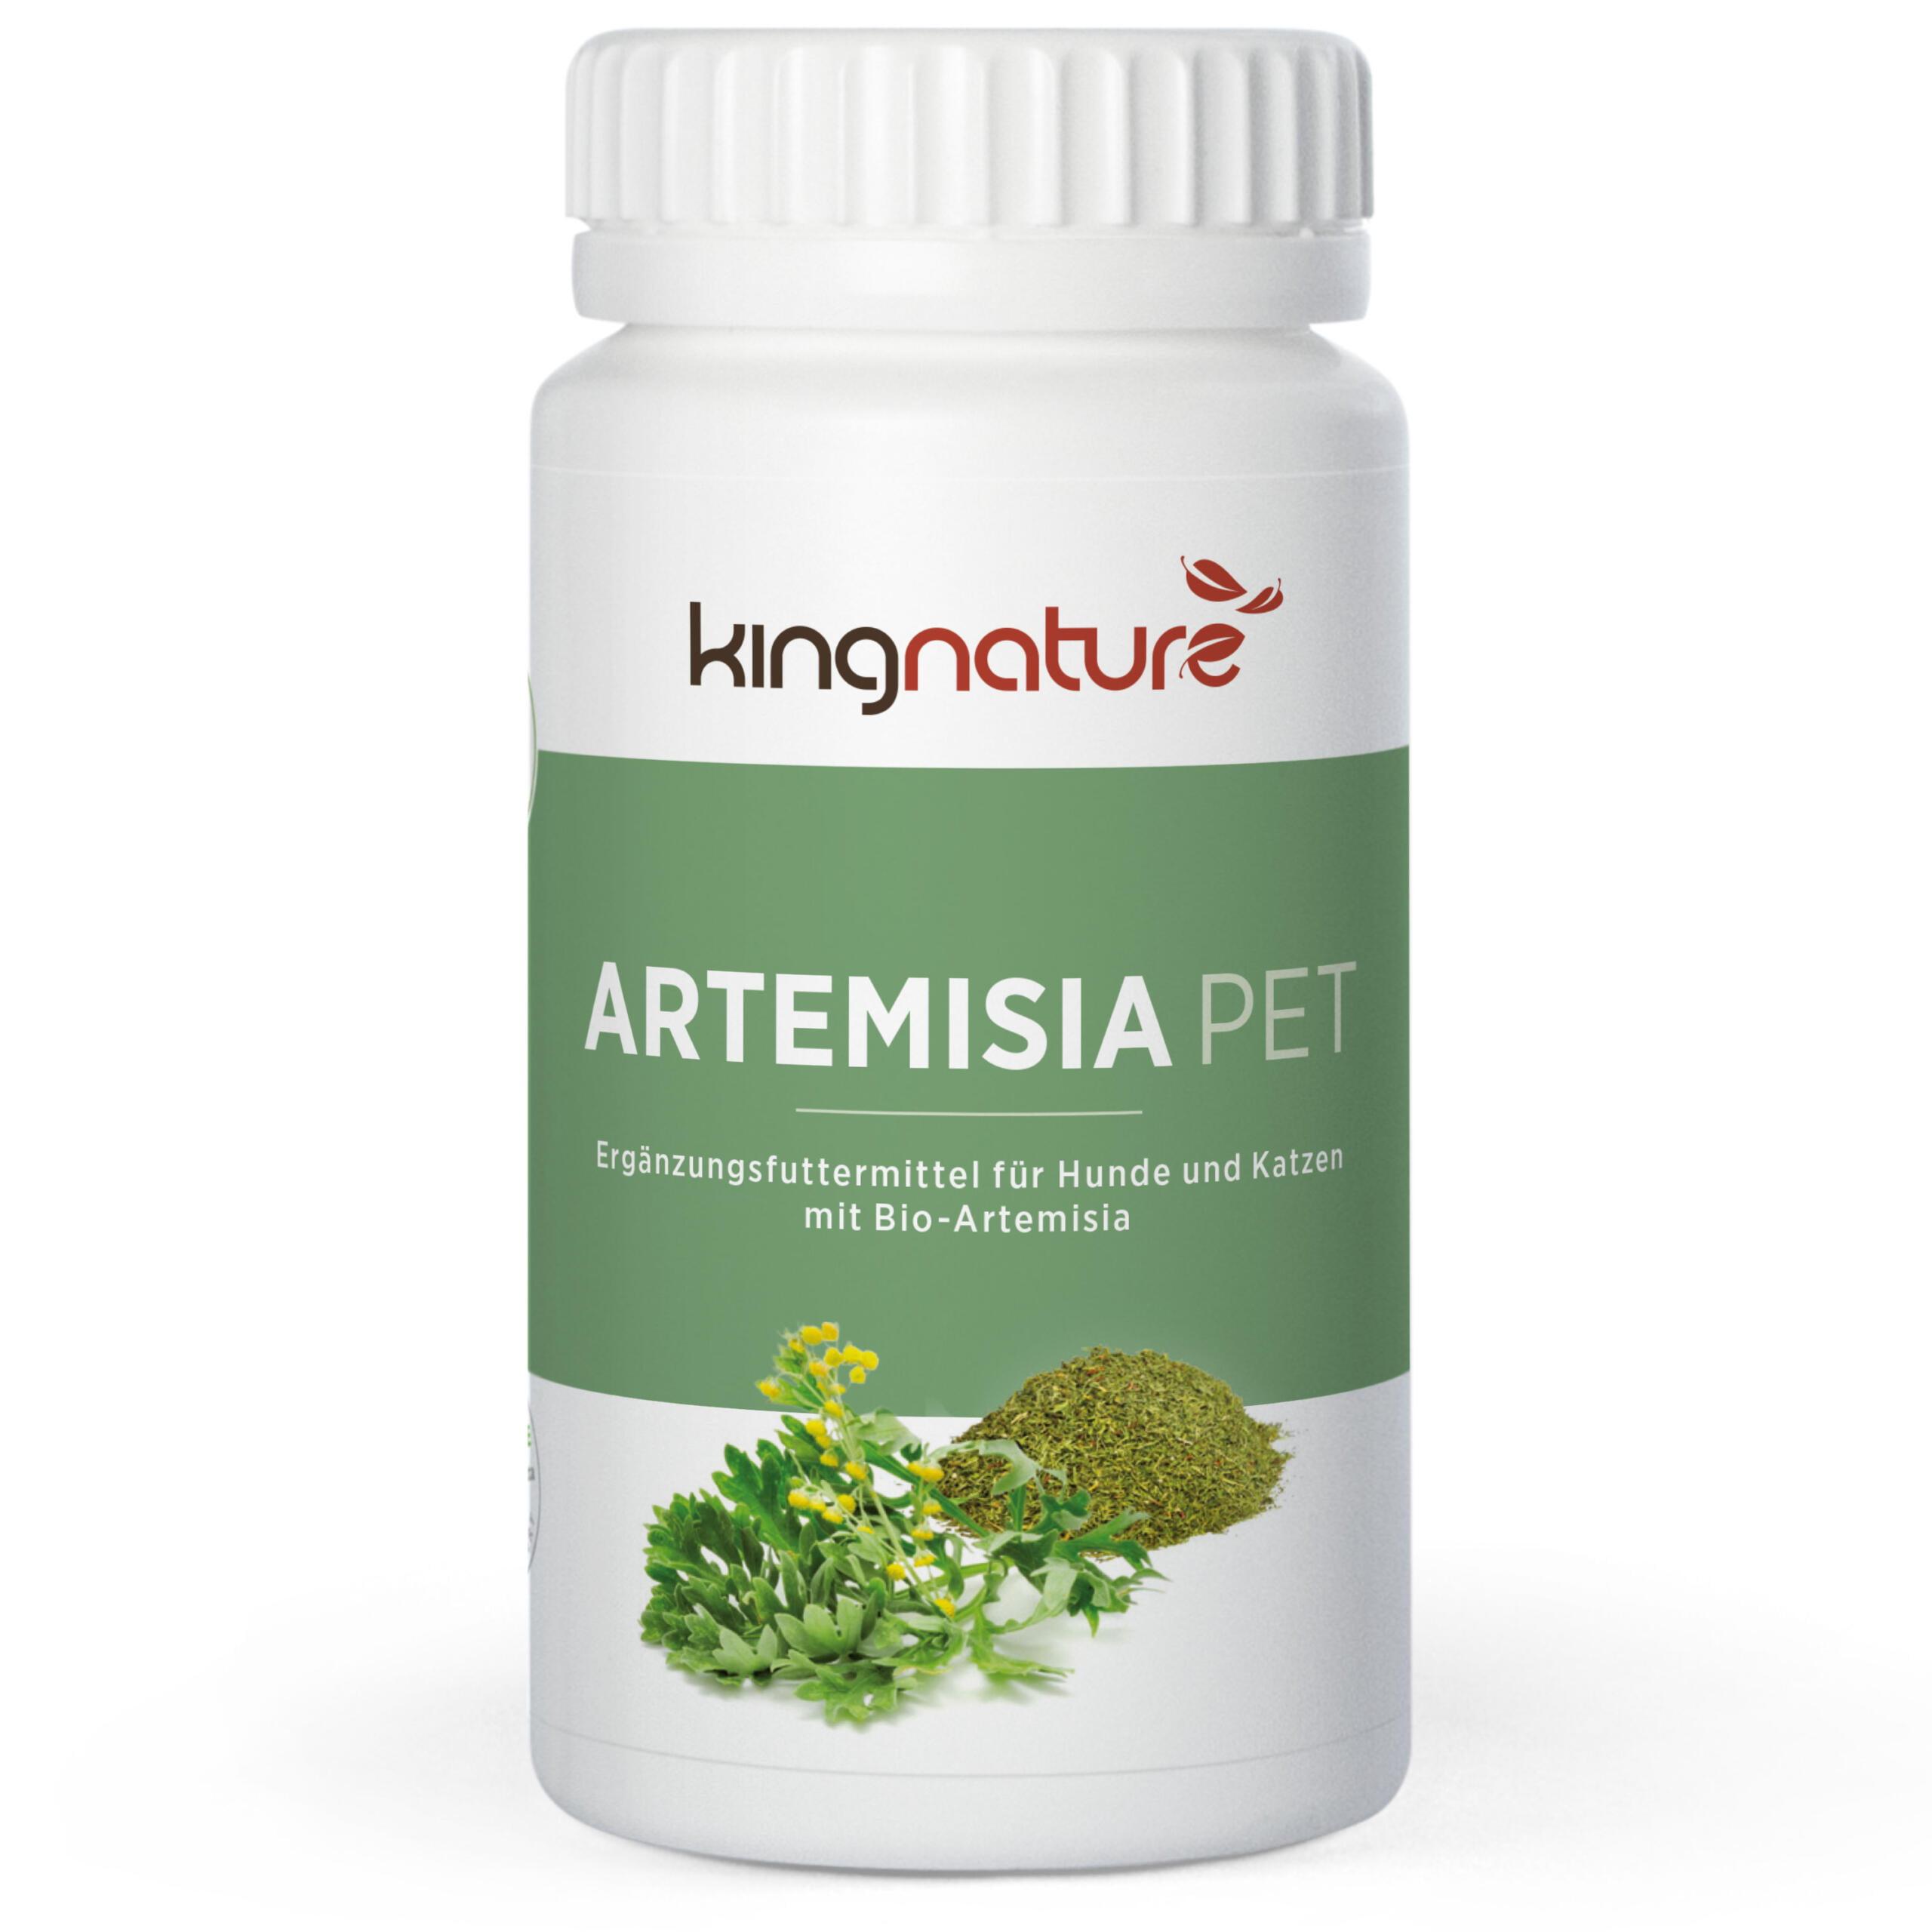 Artemisia Tierfutter kaufen mit Artemisia annua in Kapseln